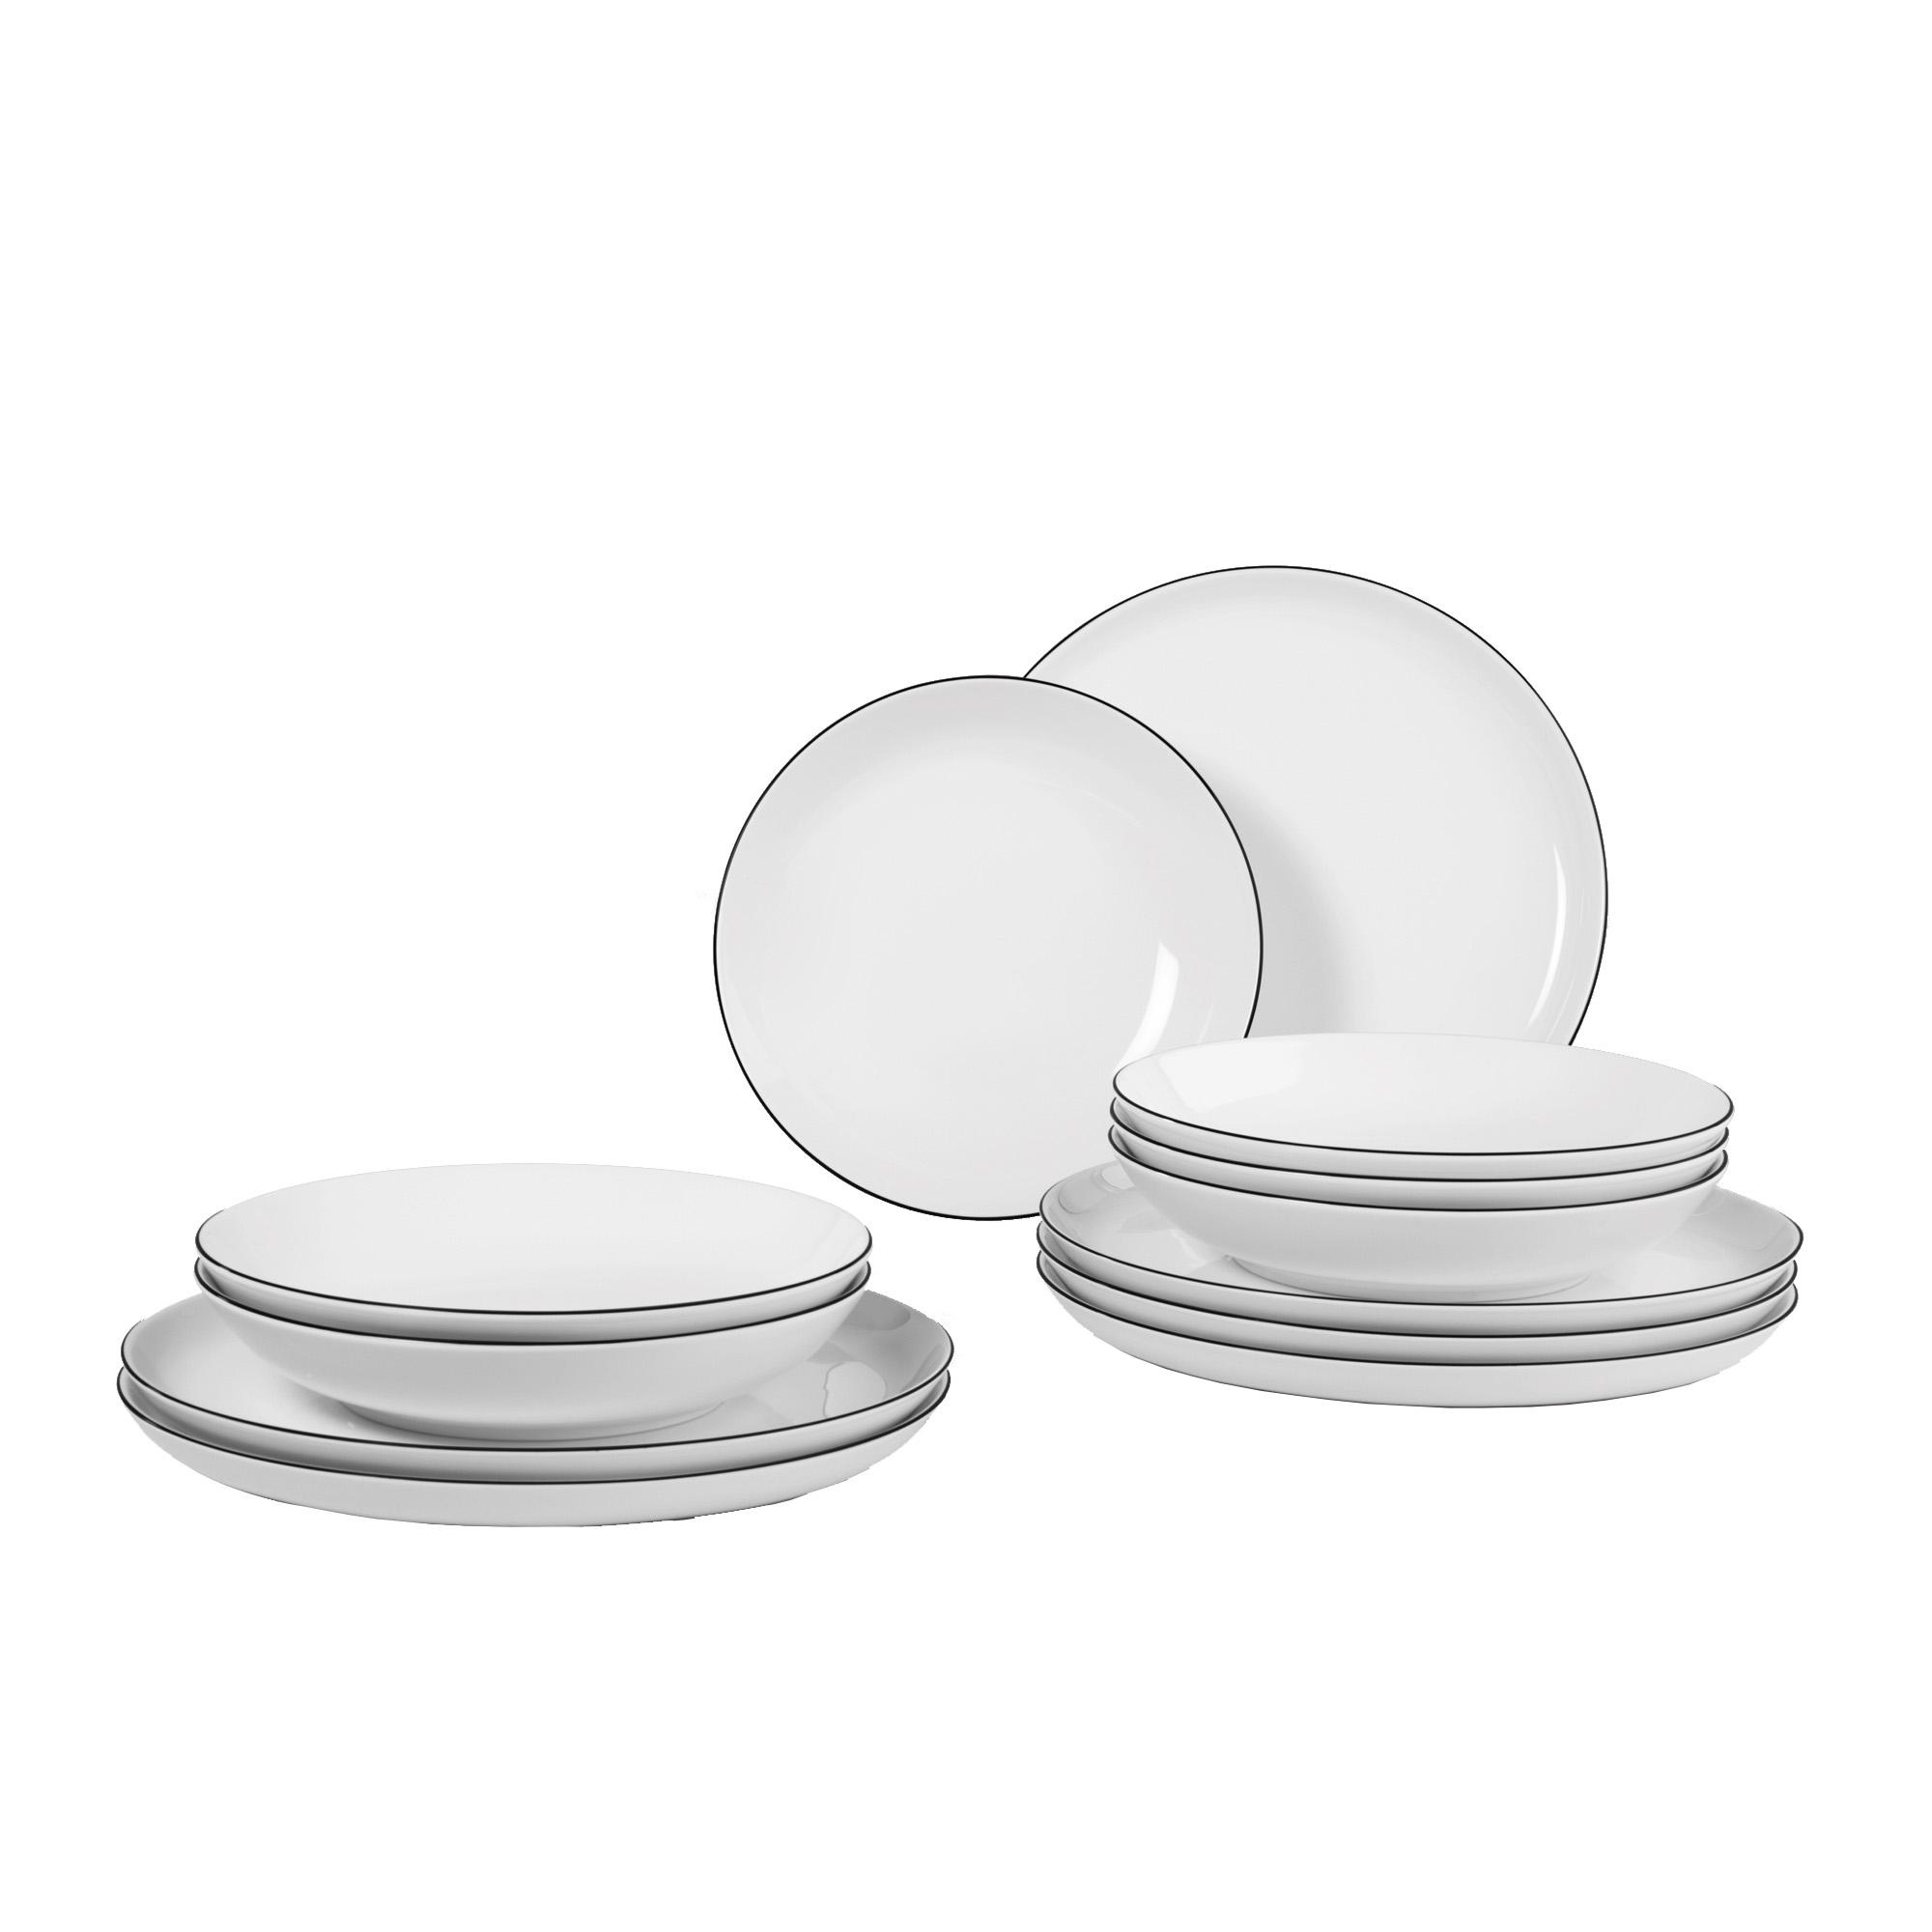 seltmann weiden lido tafelservice 12 teilig 10826 black line tafelservice porzellan essen. Black Bedroom Furniture Sets. Home Design Ideas